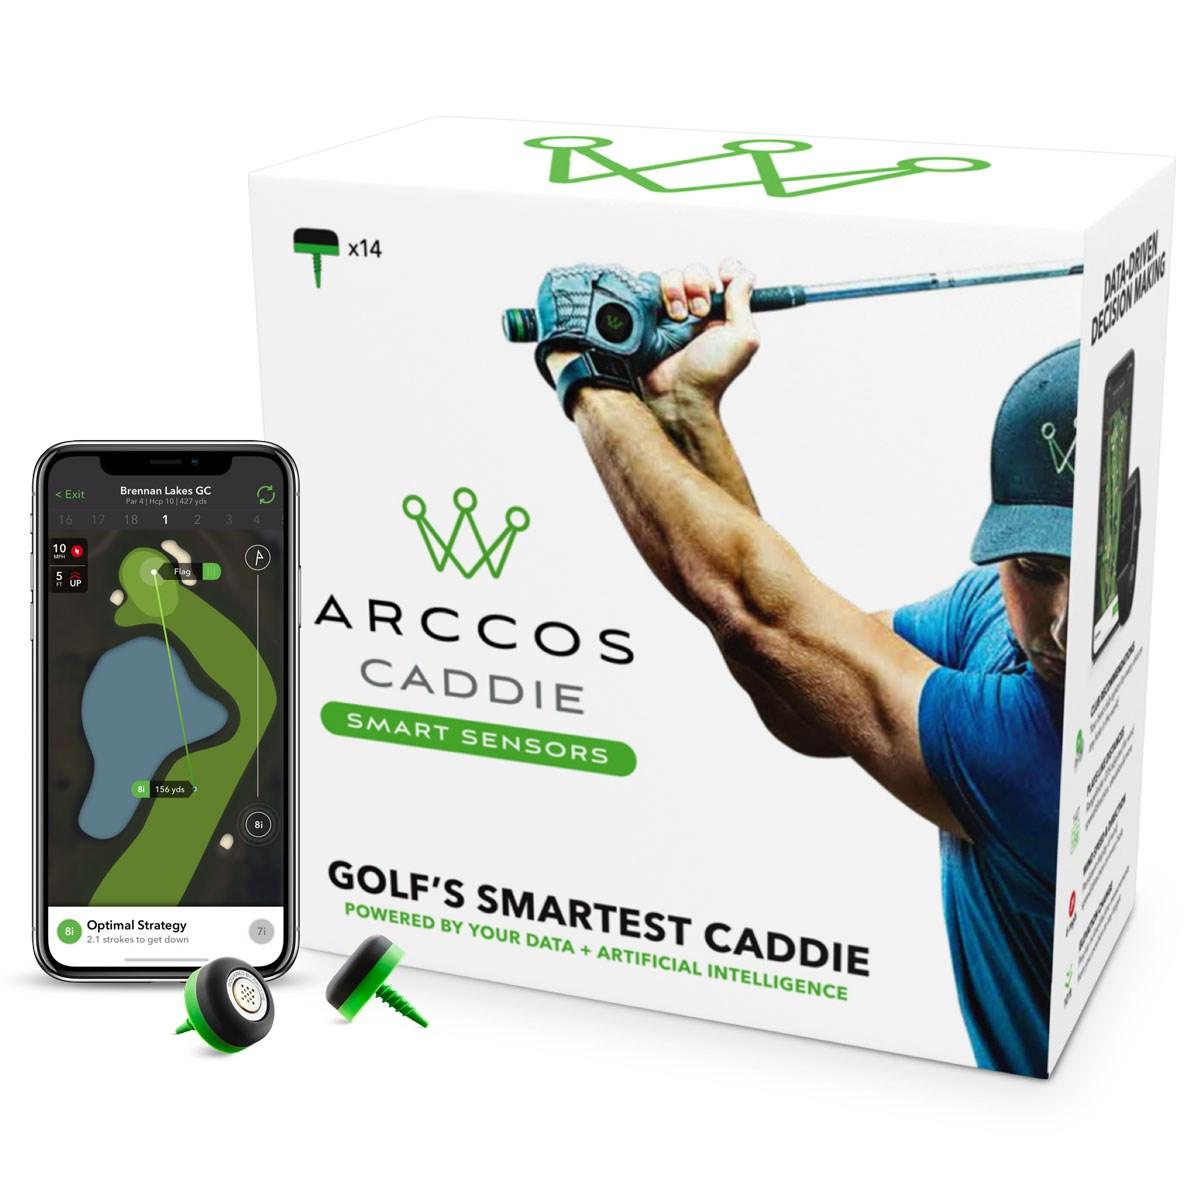 アーコスゴルフ Arccos Golf Arccos Caddie Smart Sensors ブラック/グリーン